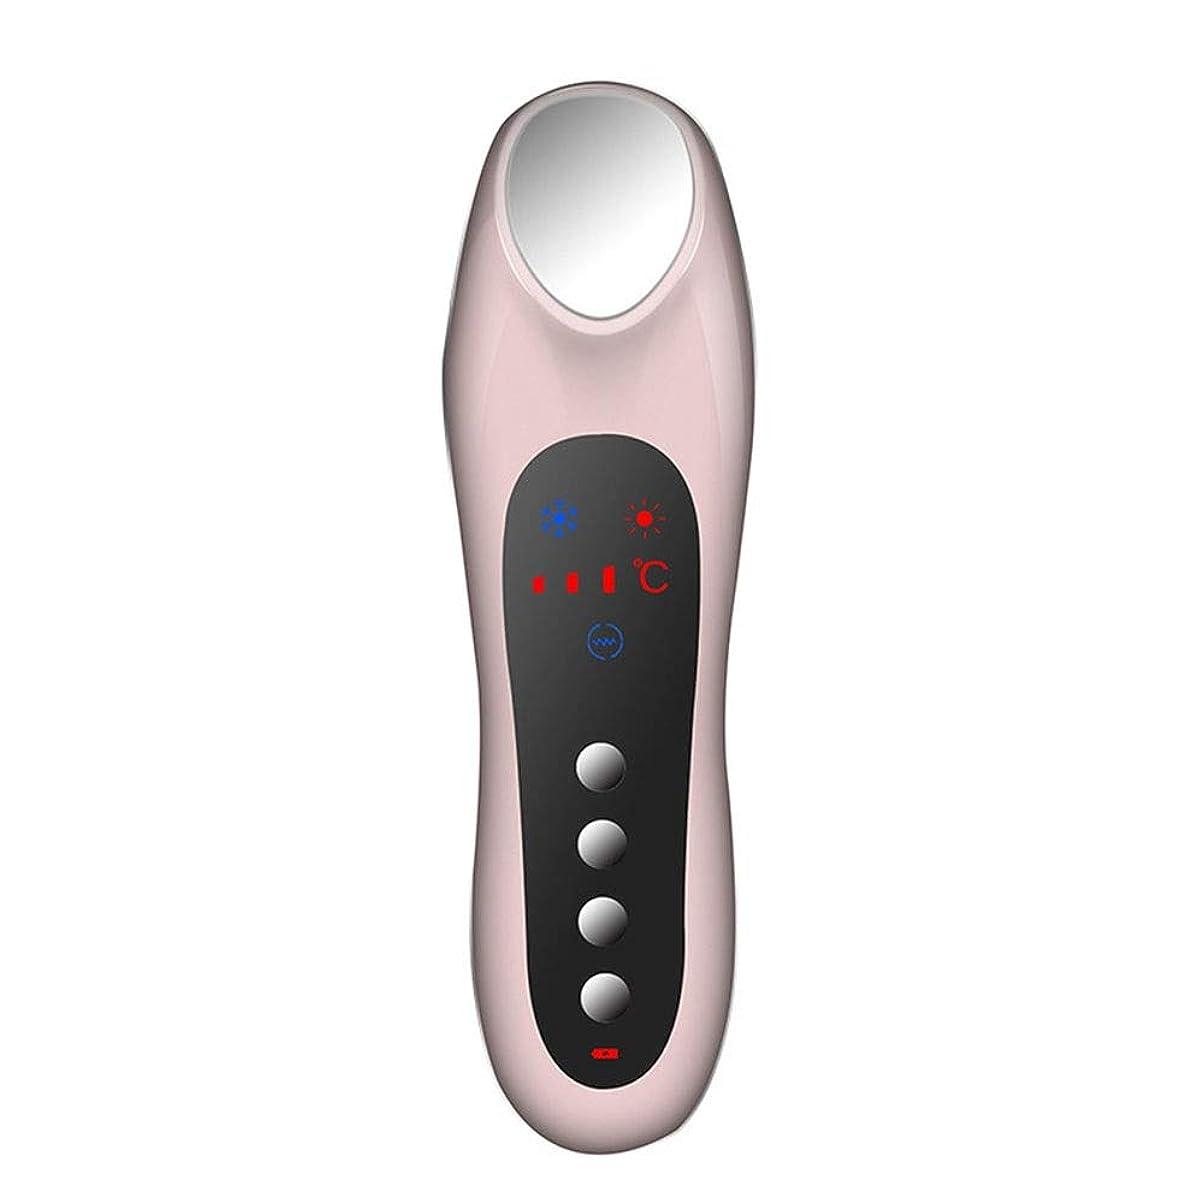 カーペットぶら下がるモンキースキンケア 家庭用USB充電冷温暖かいイオン深層導入デュアルモードホット&コールドスイッチング超音波振動マッサージマルチ運動エネルギー美容機器 (色 : Pink)